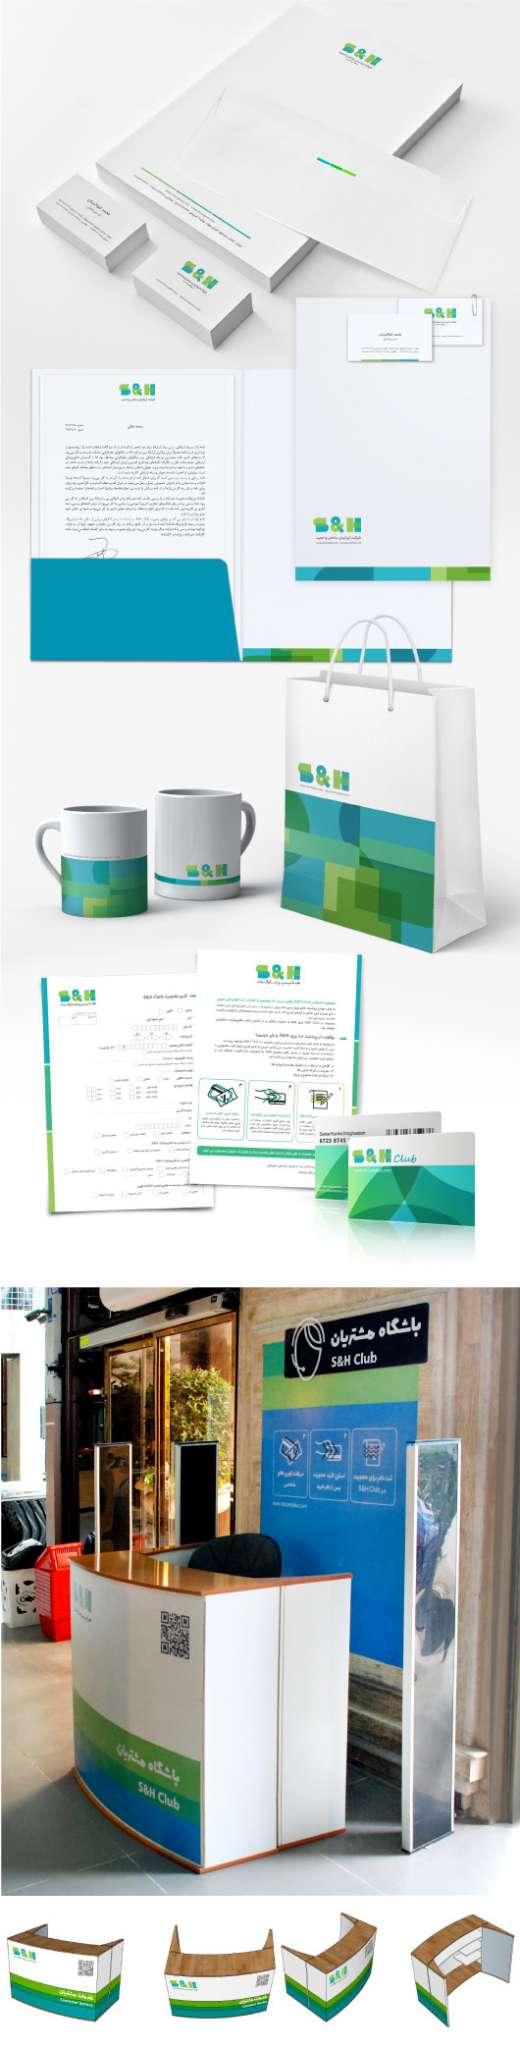 3 1 - طراحی هویت بصری برند و کتاب برند هایپرمارکت های زنجیره ای S&H